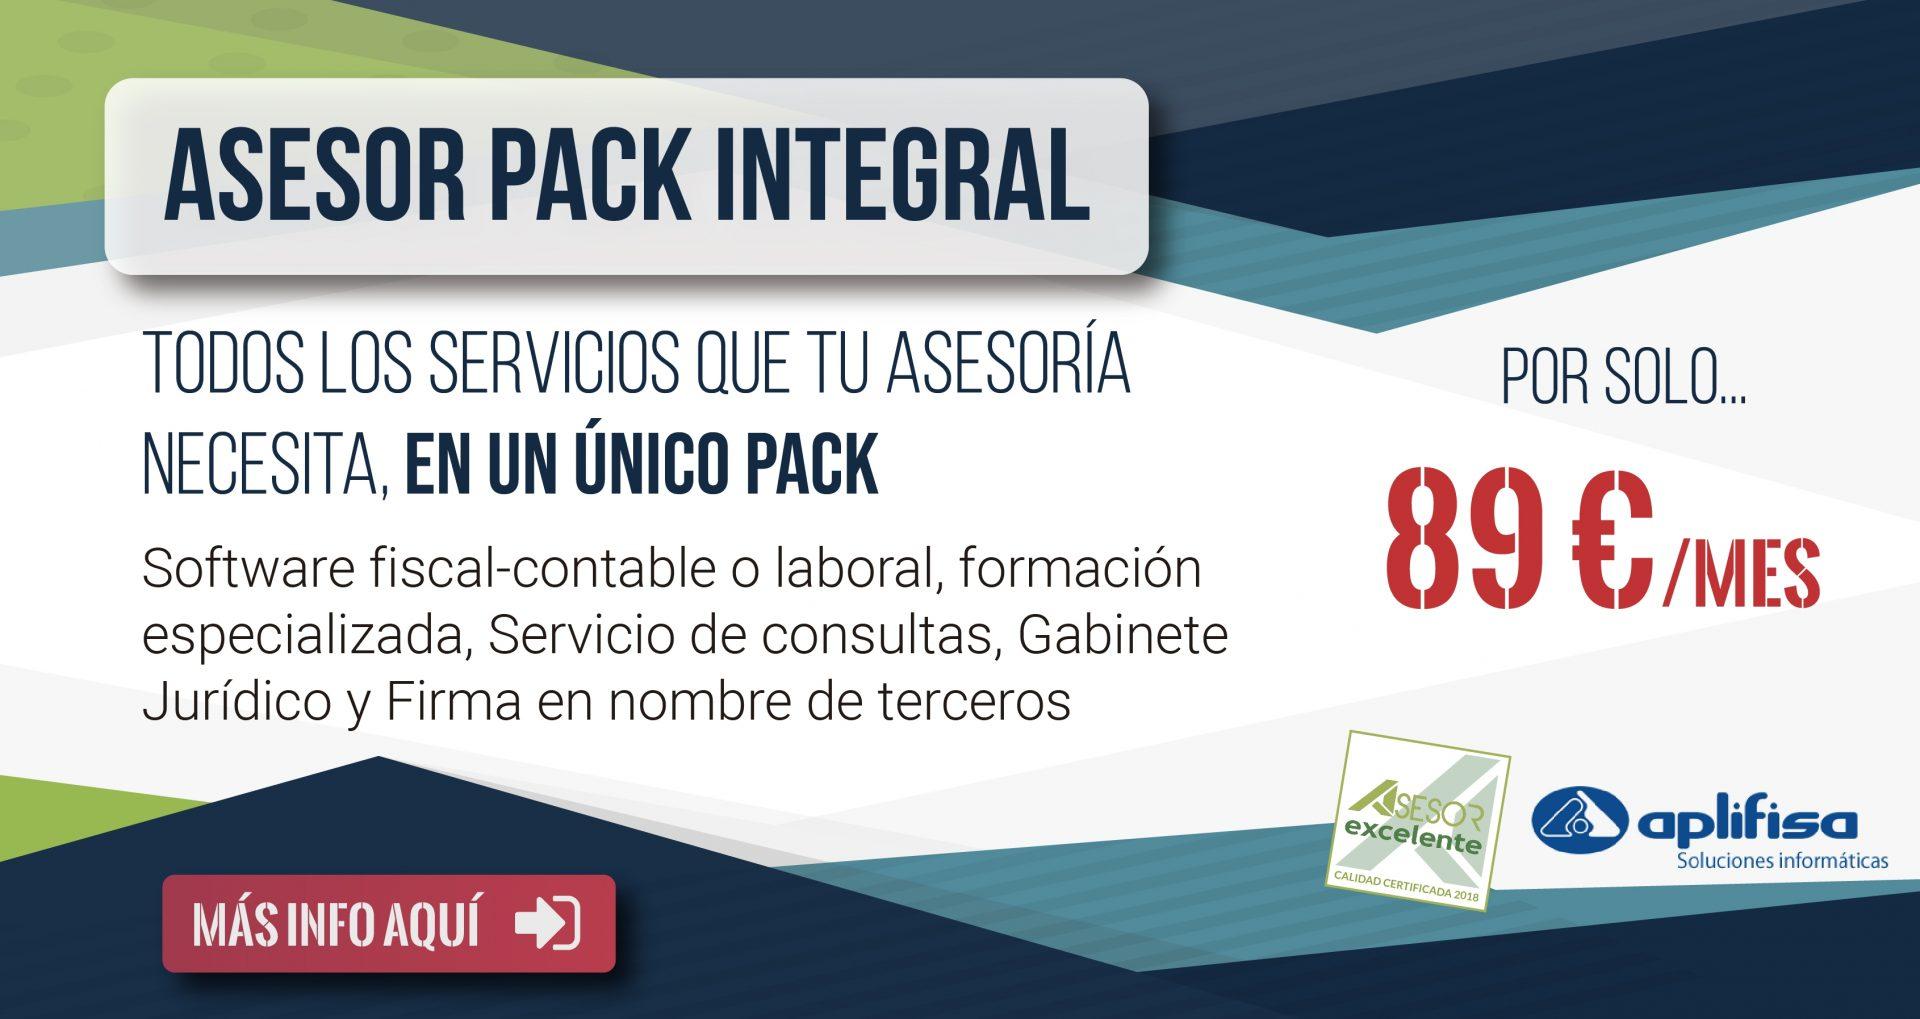 Asesor Pack Integral